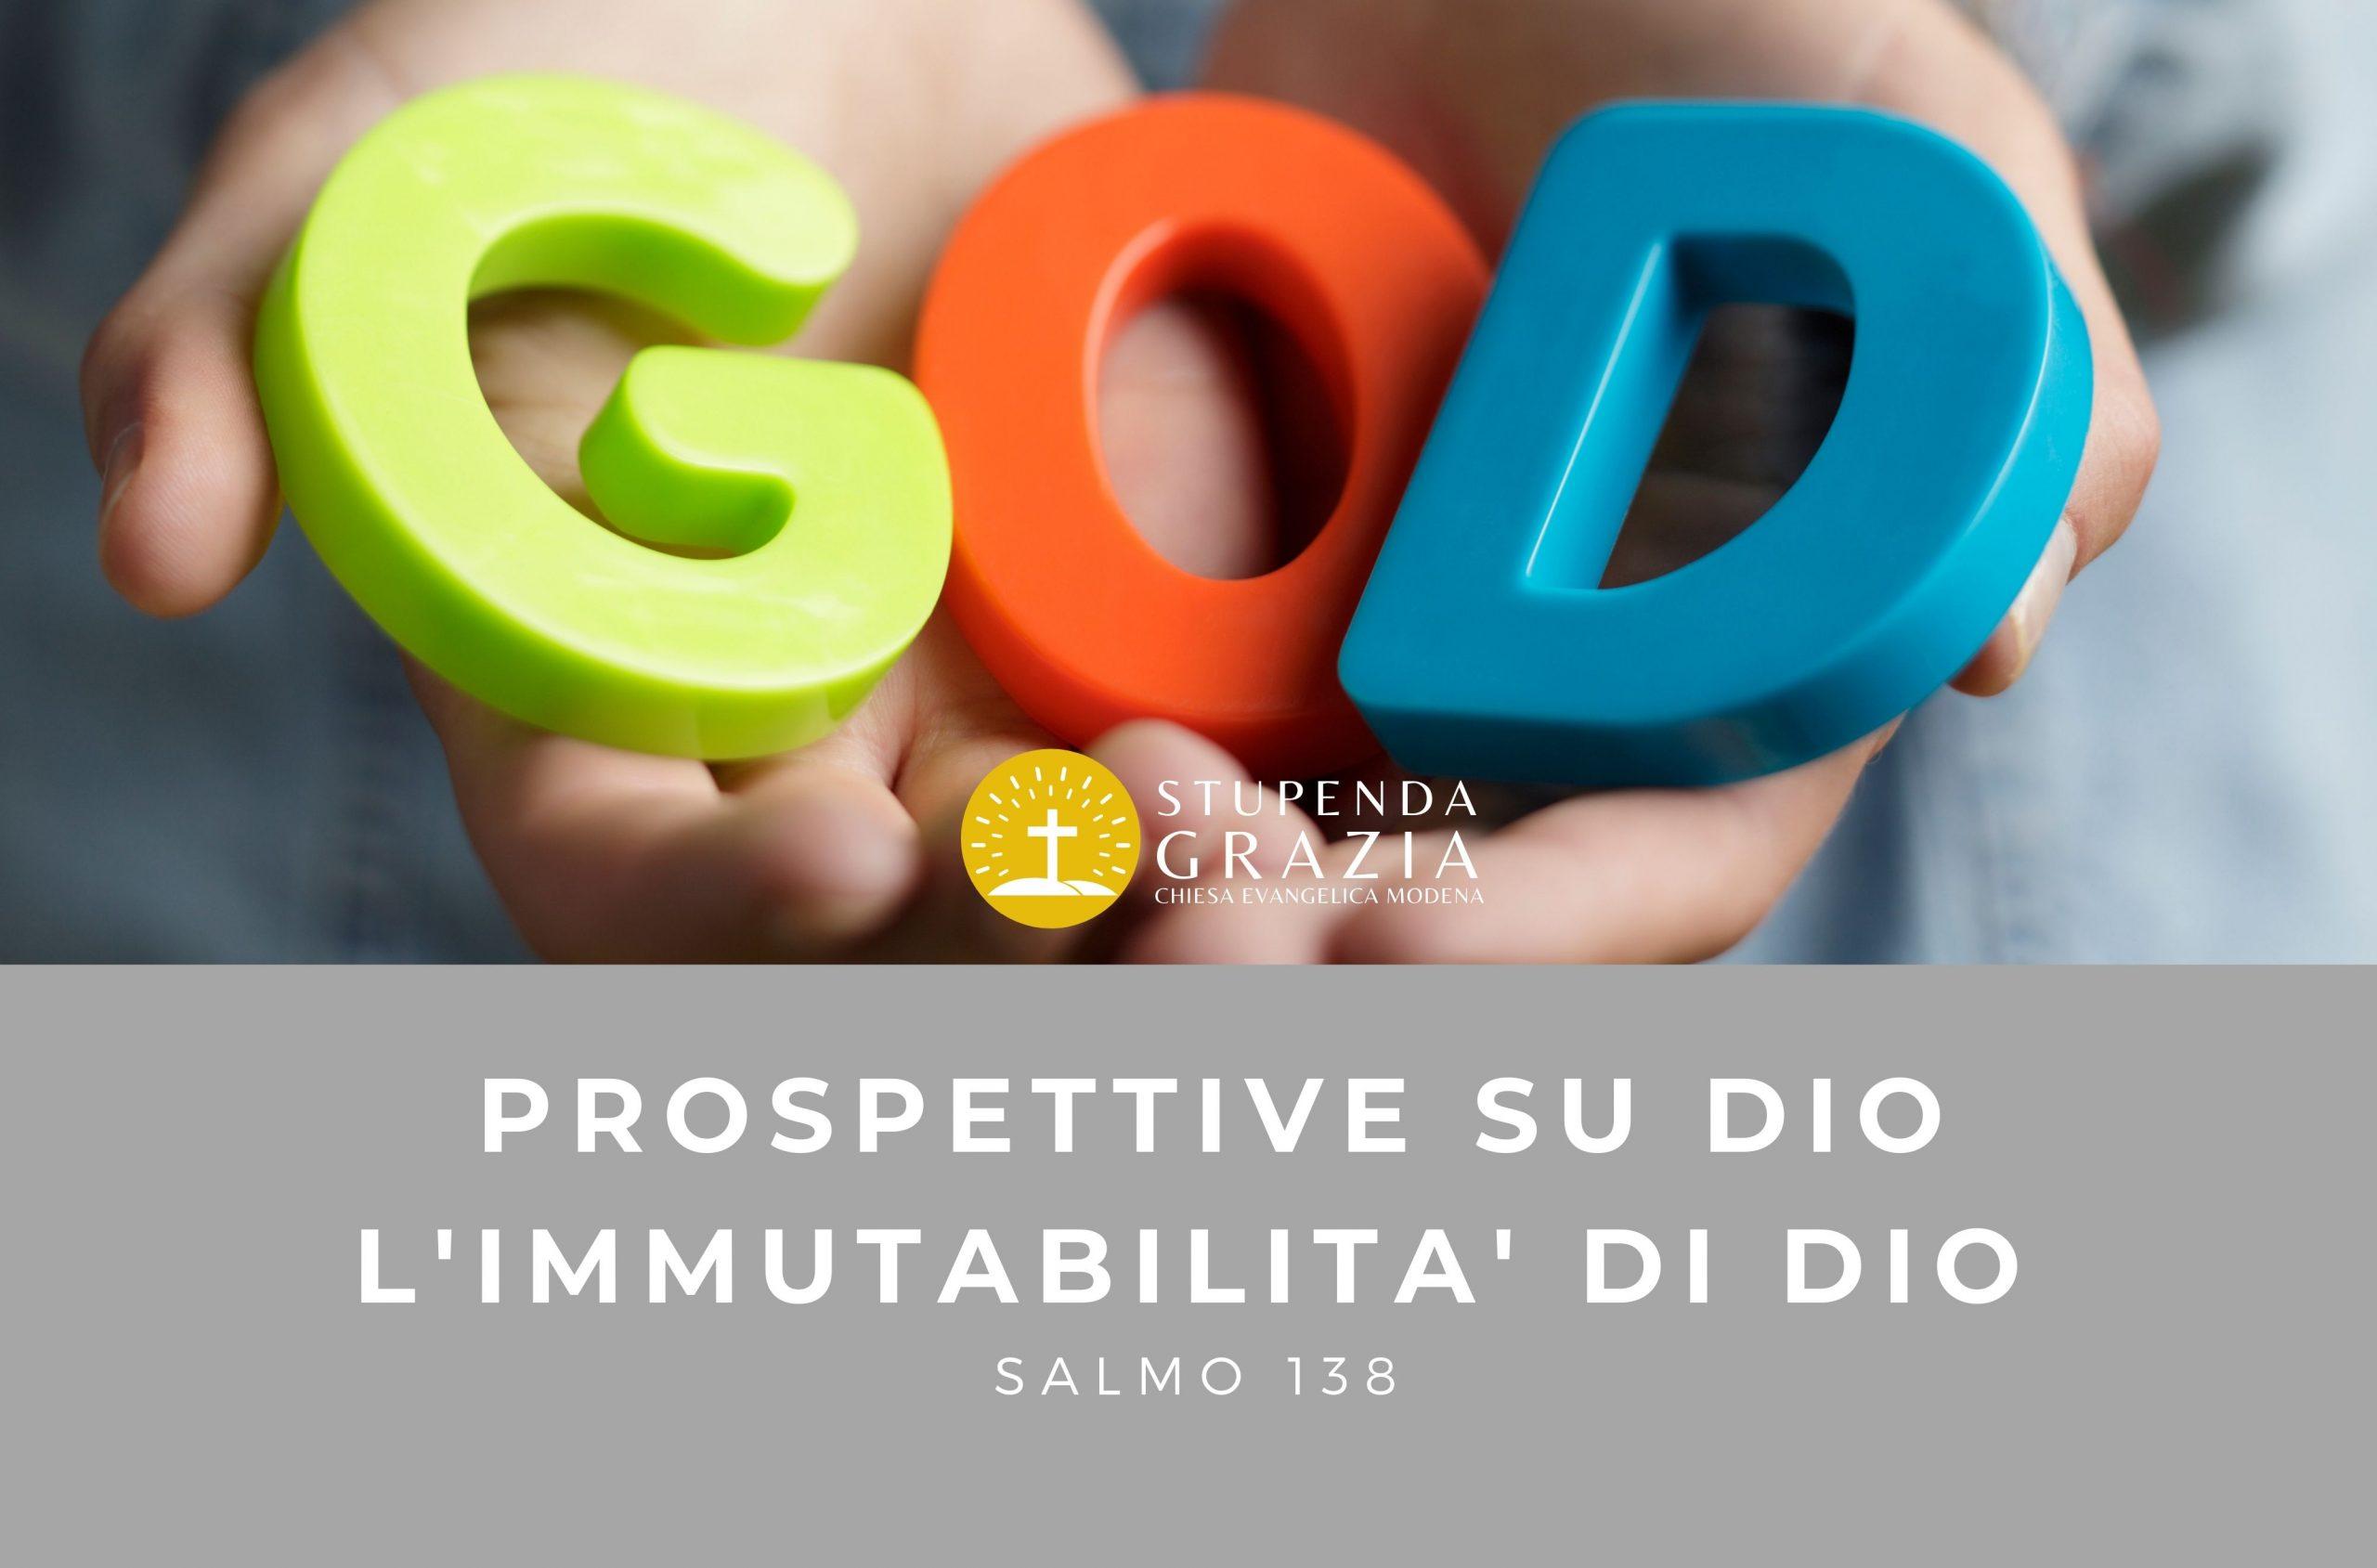 PROSPETTIVE SU DIO – L'IMMUTABILITA' DI DIO